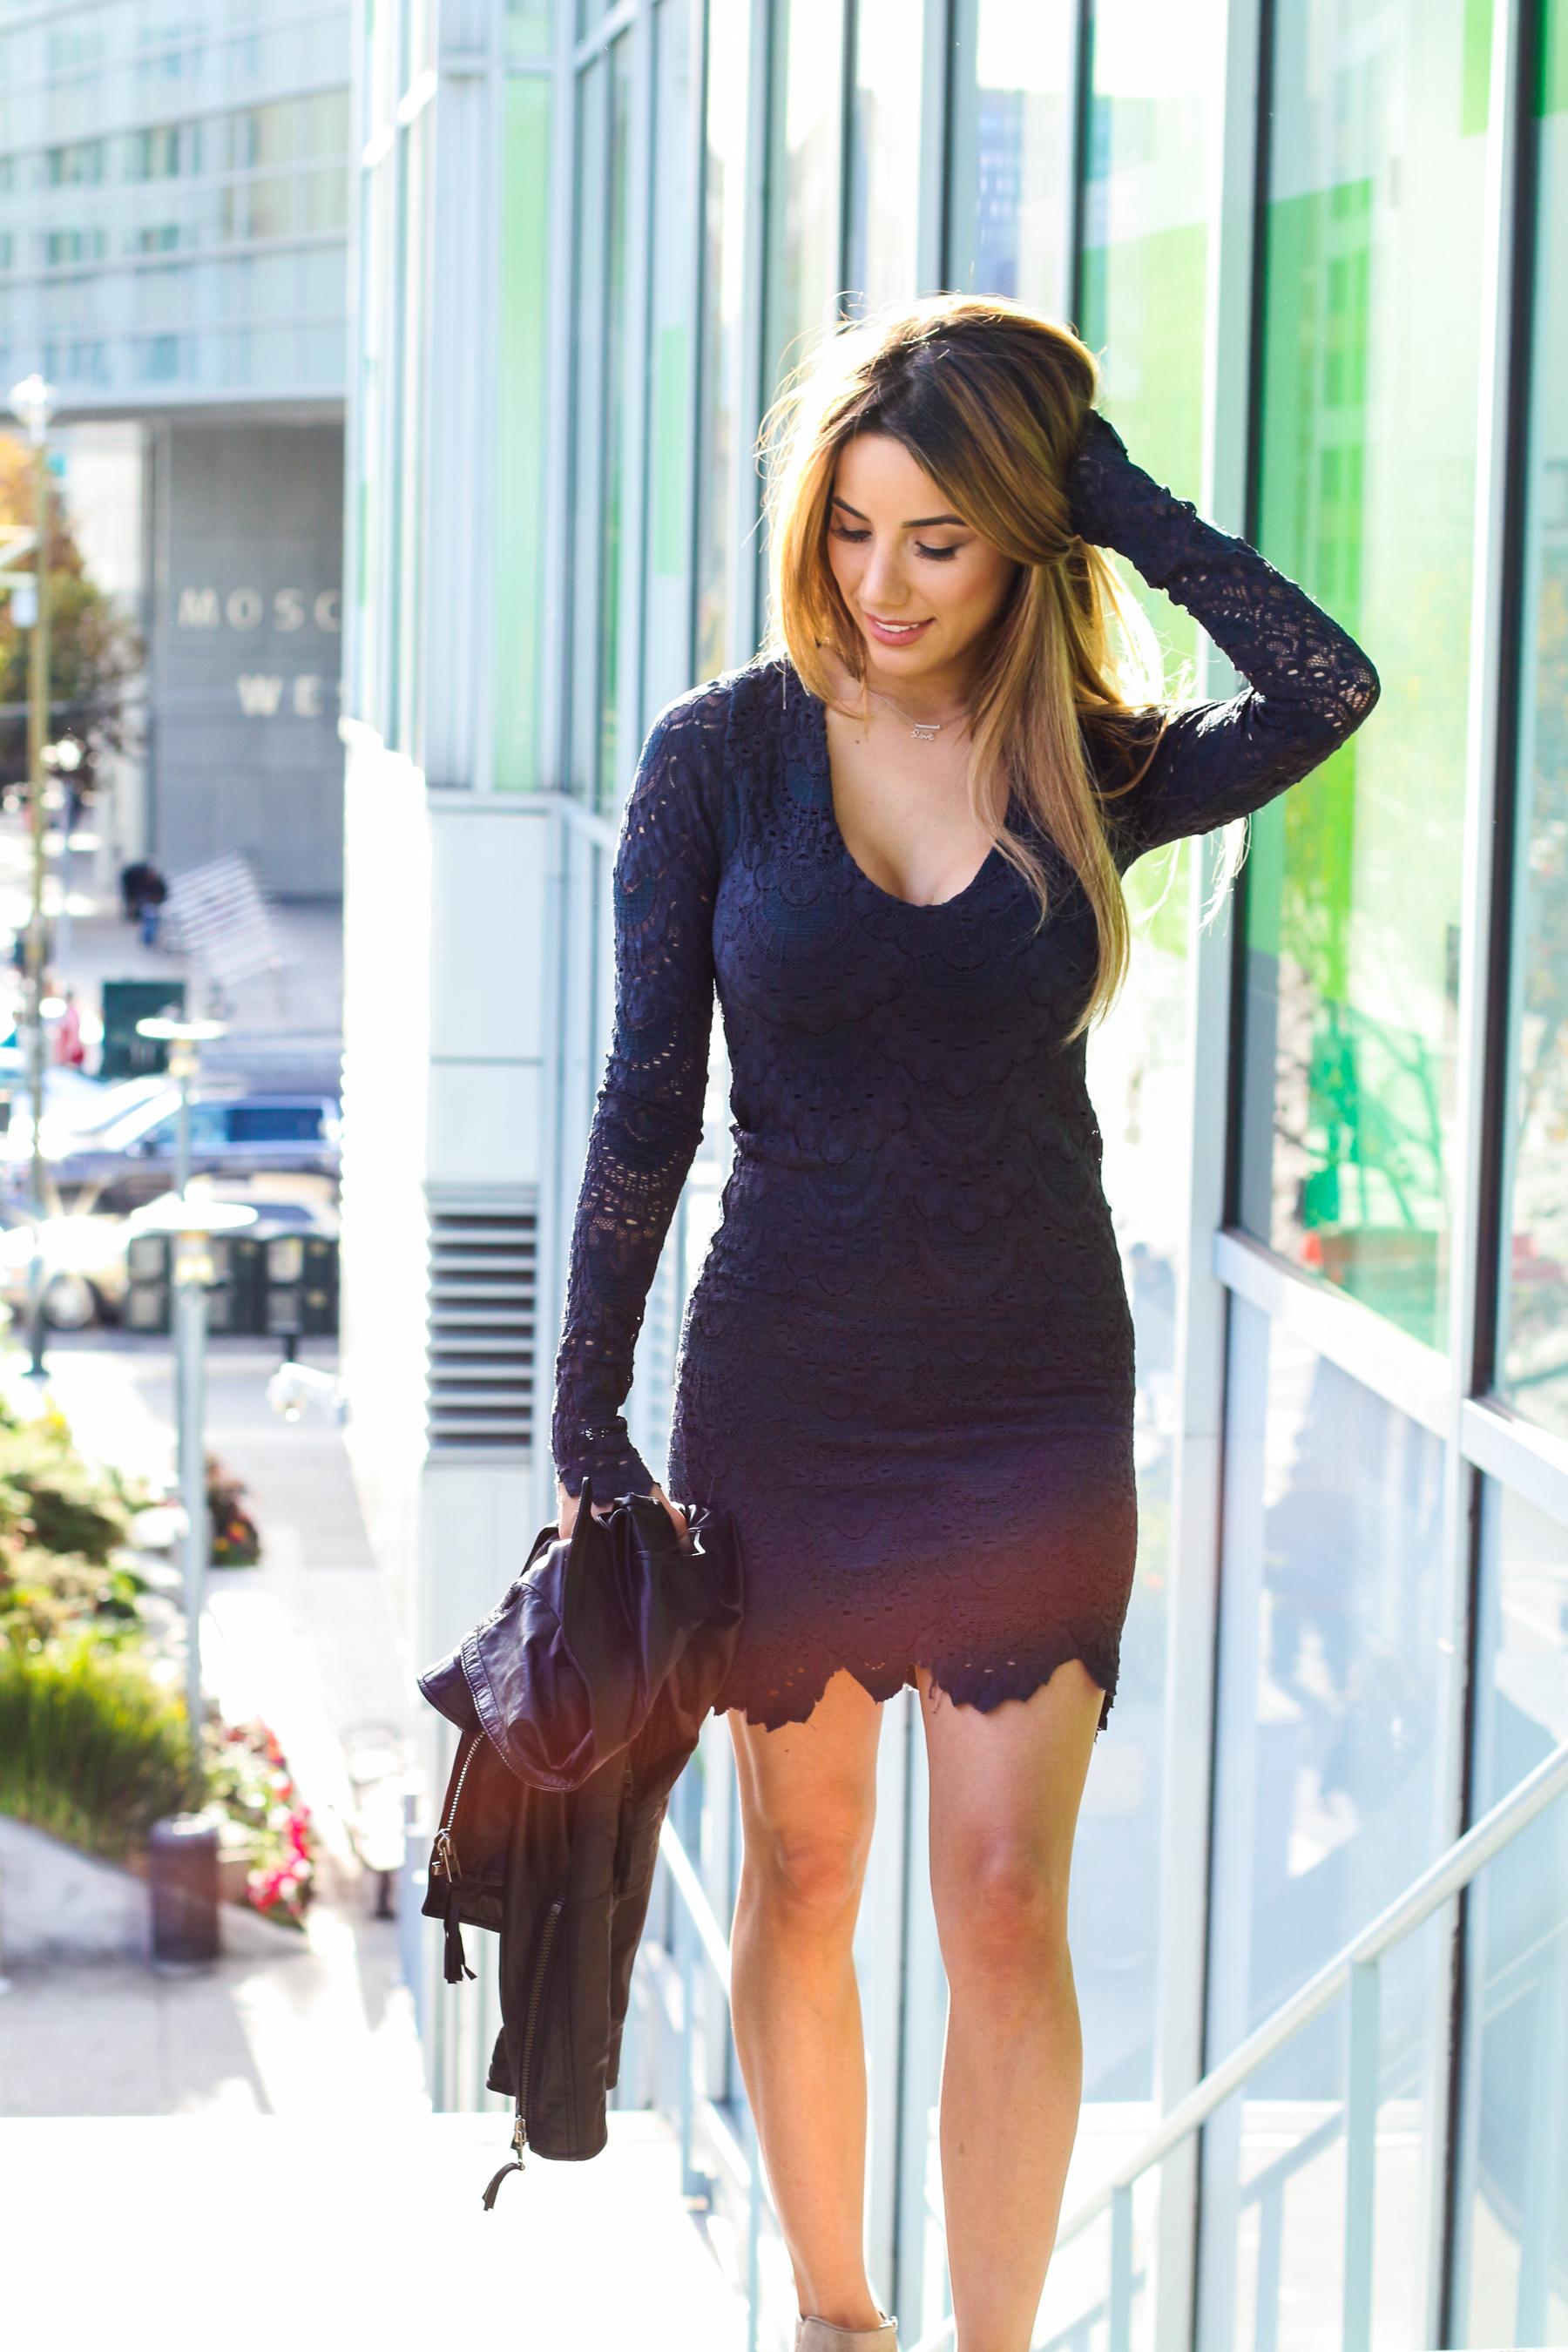 Ariana-Lauren-Fashion-Born-Blogger-San-Francisco-Photography-by-Ryan-Chua-2324